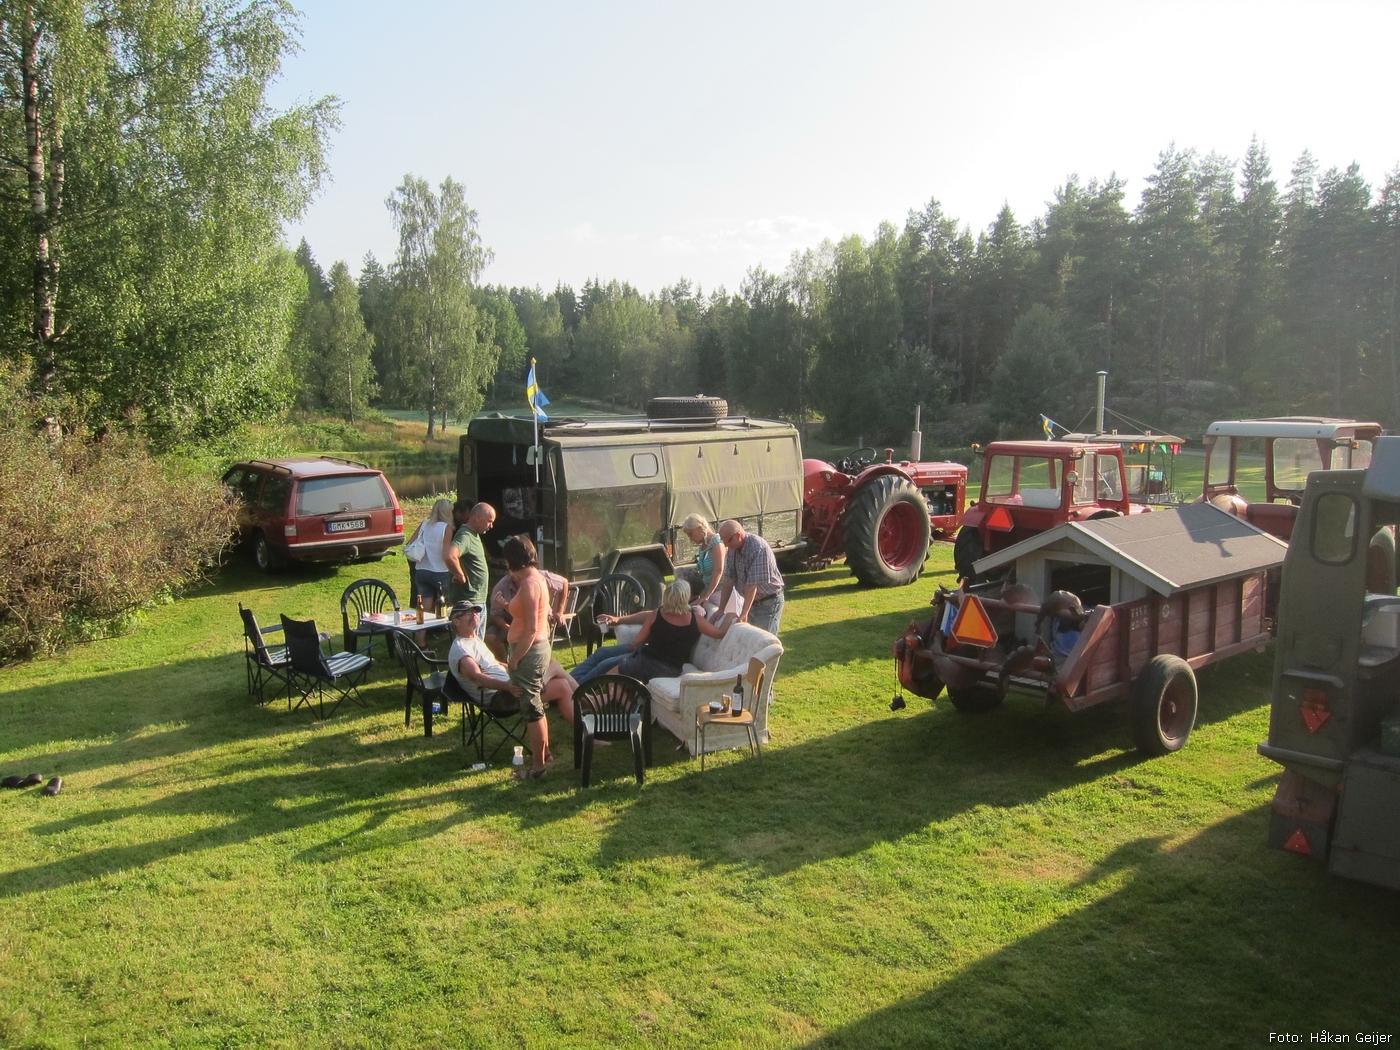 2014-08-02_50_traktorresa